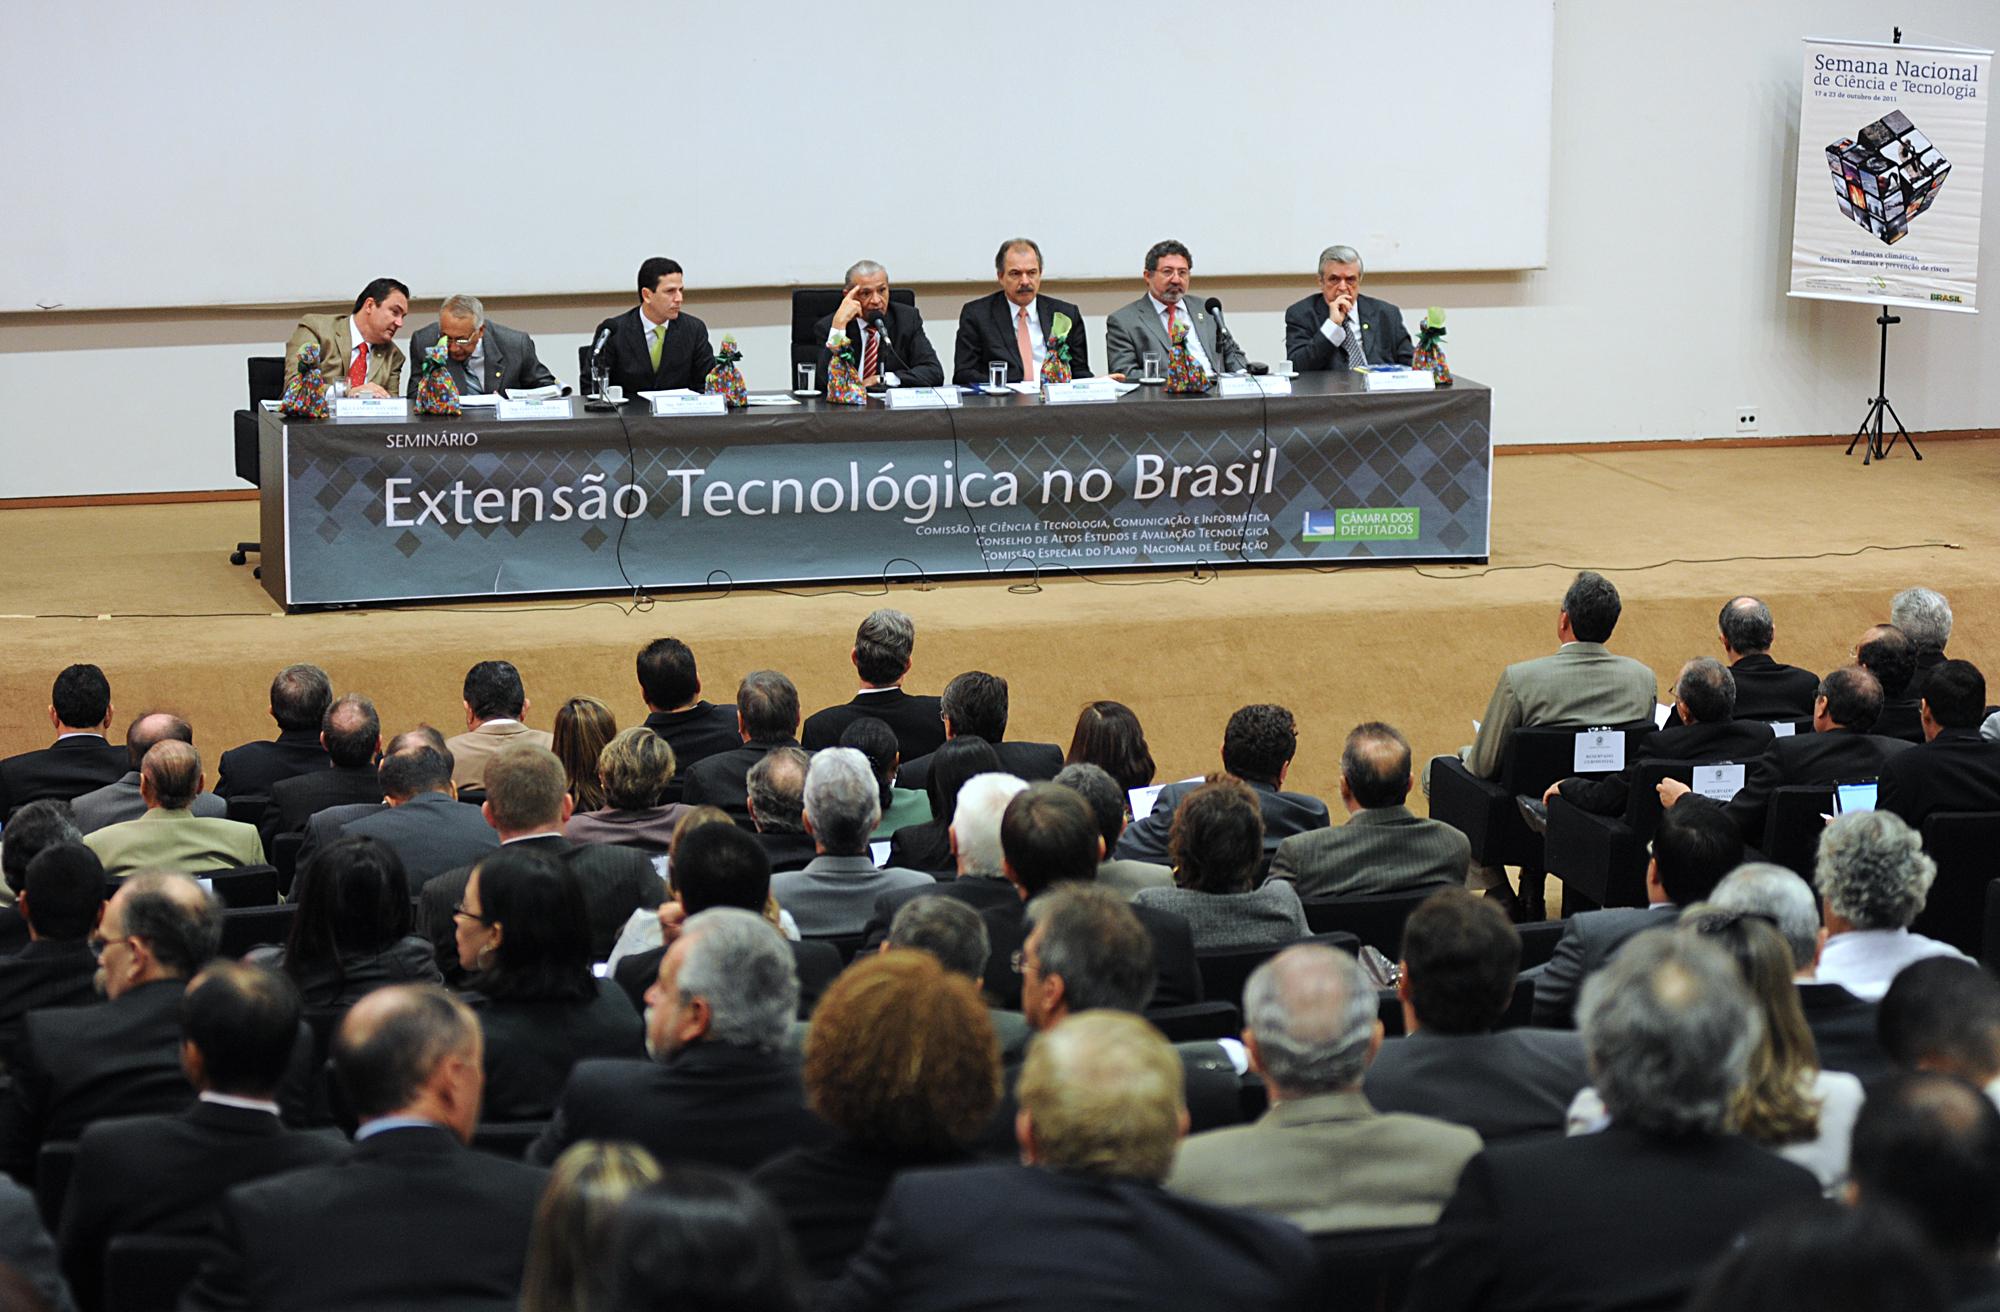 Seminário sobre Extensão Tecnológica